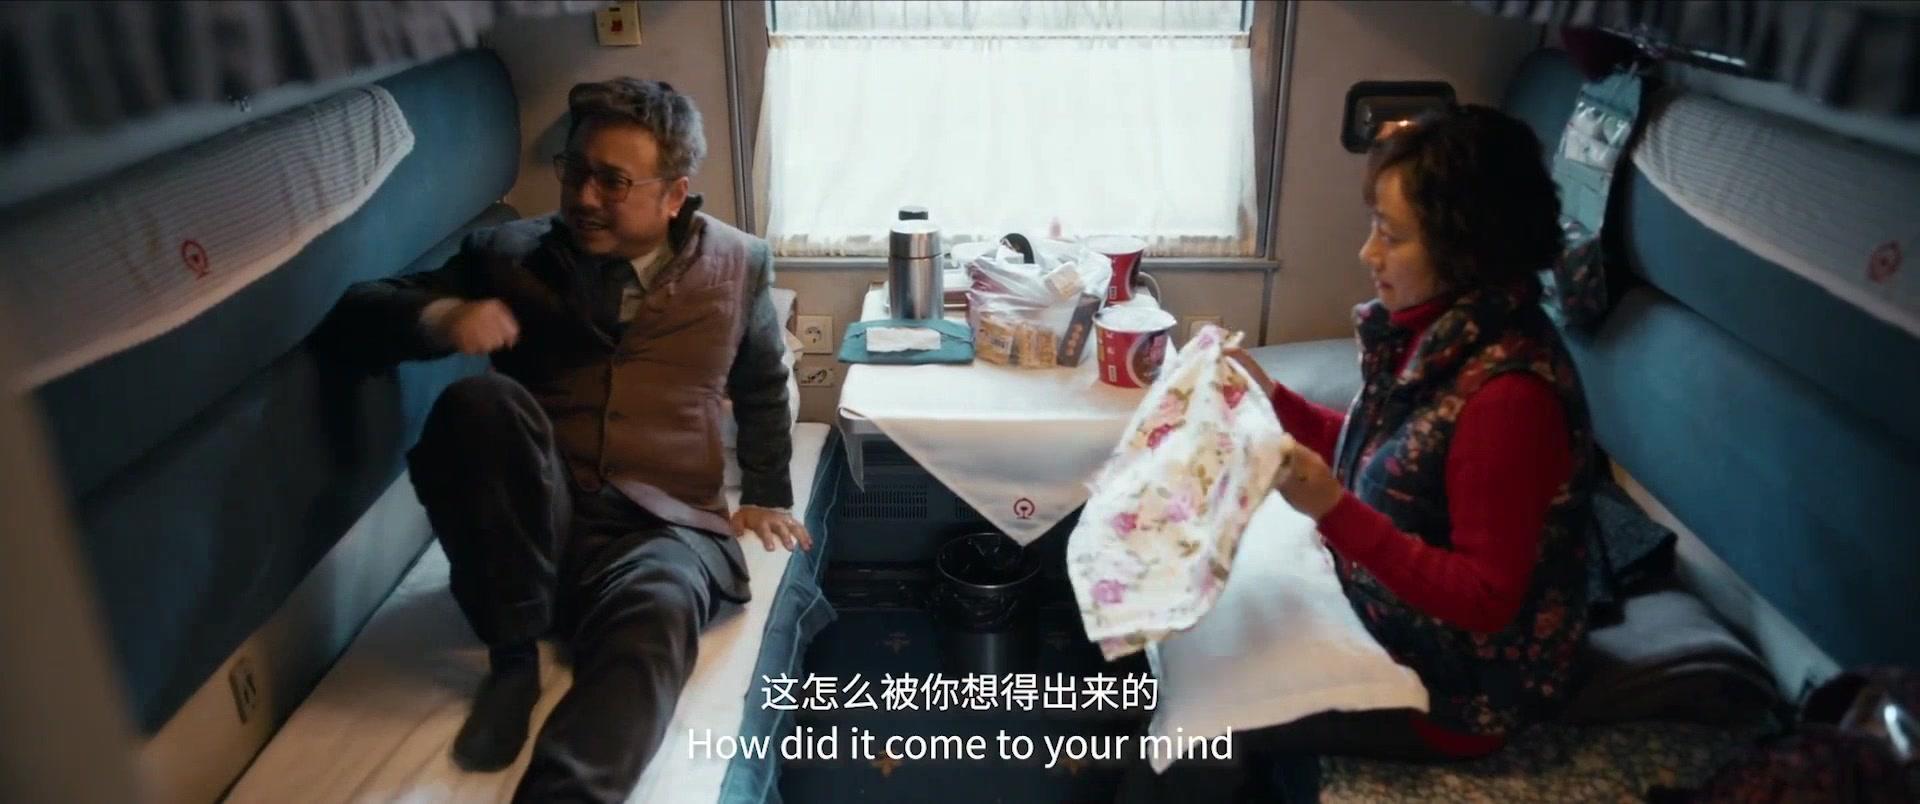 囧妈:徐峥吐槽火车票比机票还贵,亲妈一句话神回复,绝了!